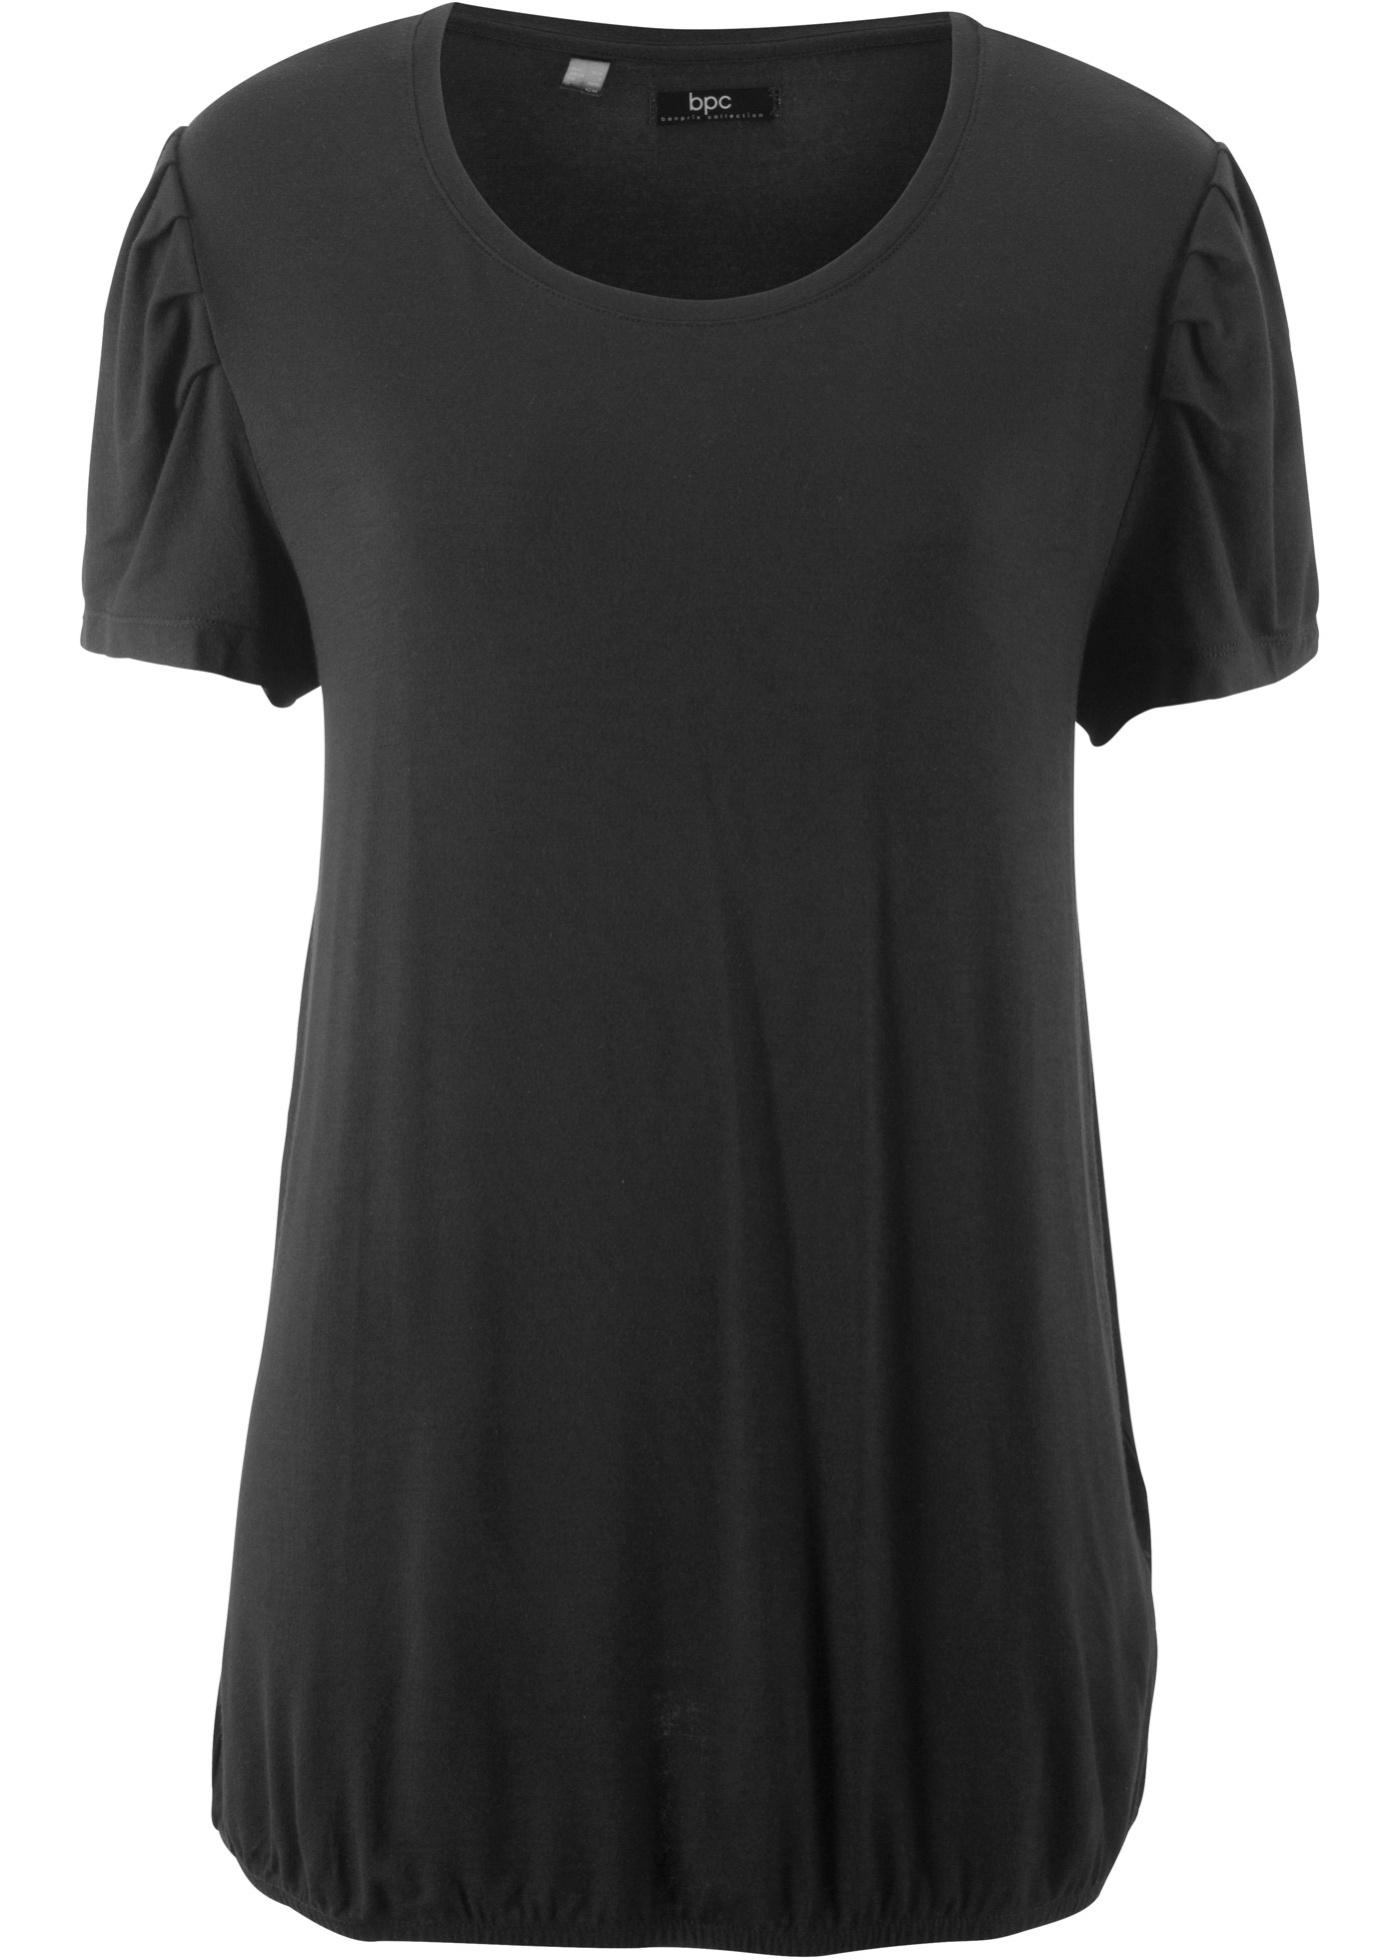 Pour Femme Manches Bpc Noir Avec shirt Fronces Courtes Aux Bonprix Épaules CollectionT ZukXiwlOPT